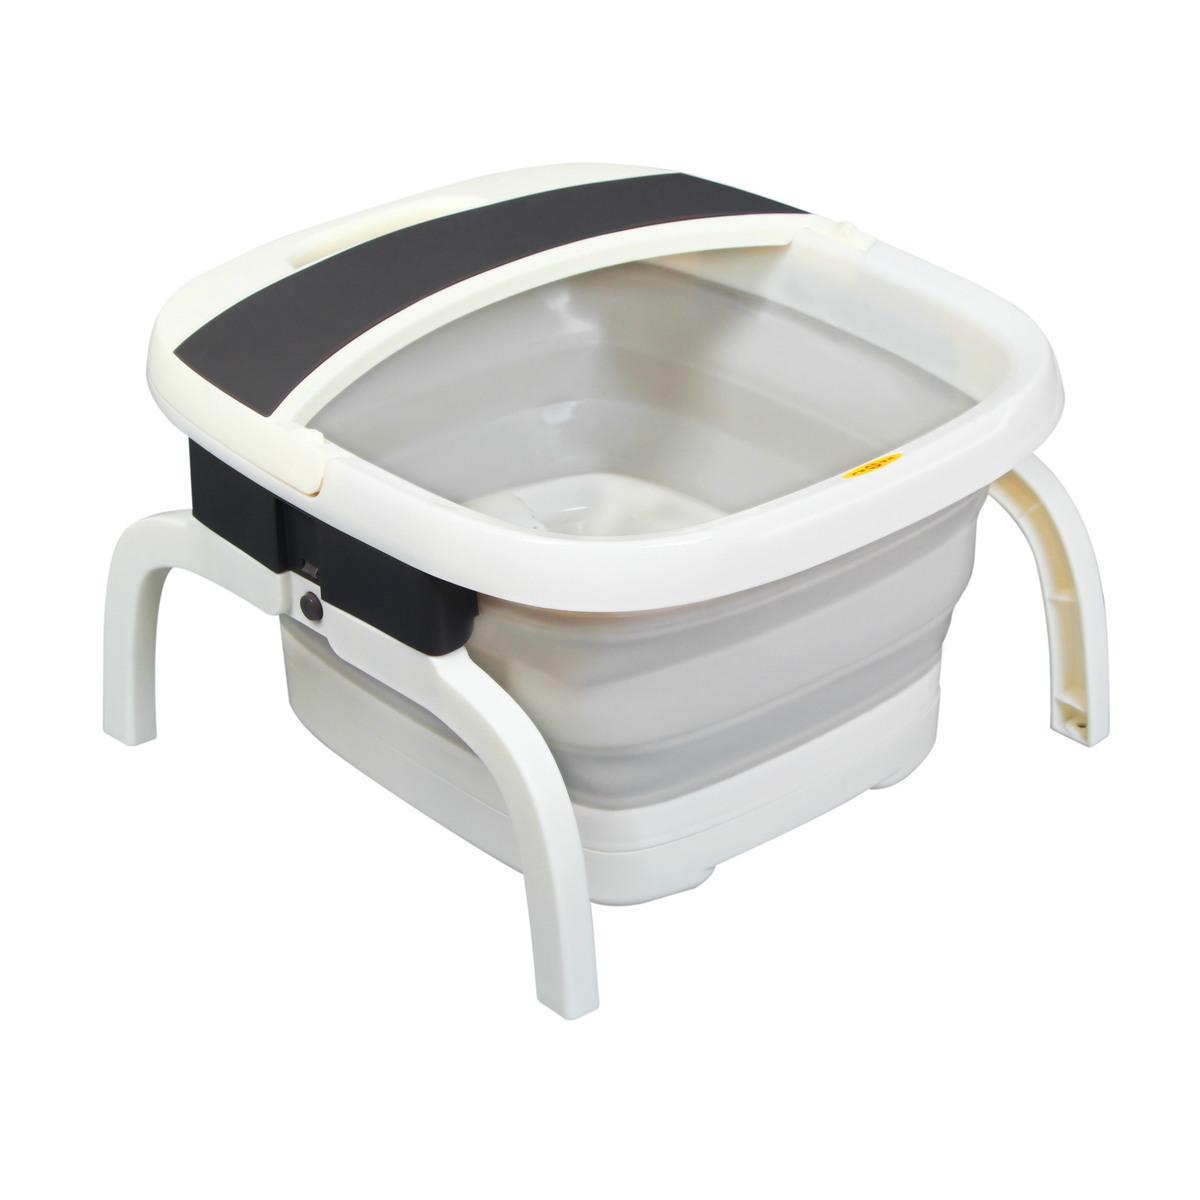 Ванночки для ног Артикул 542500134024